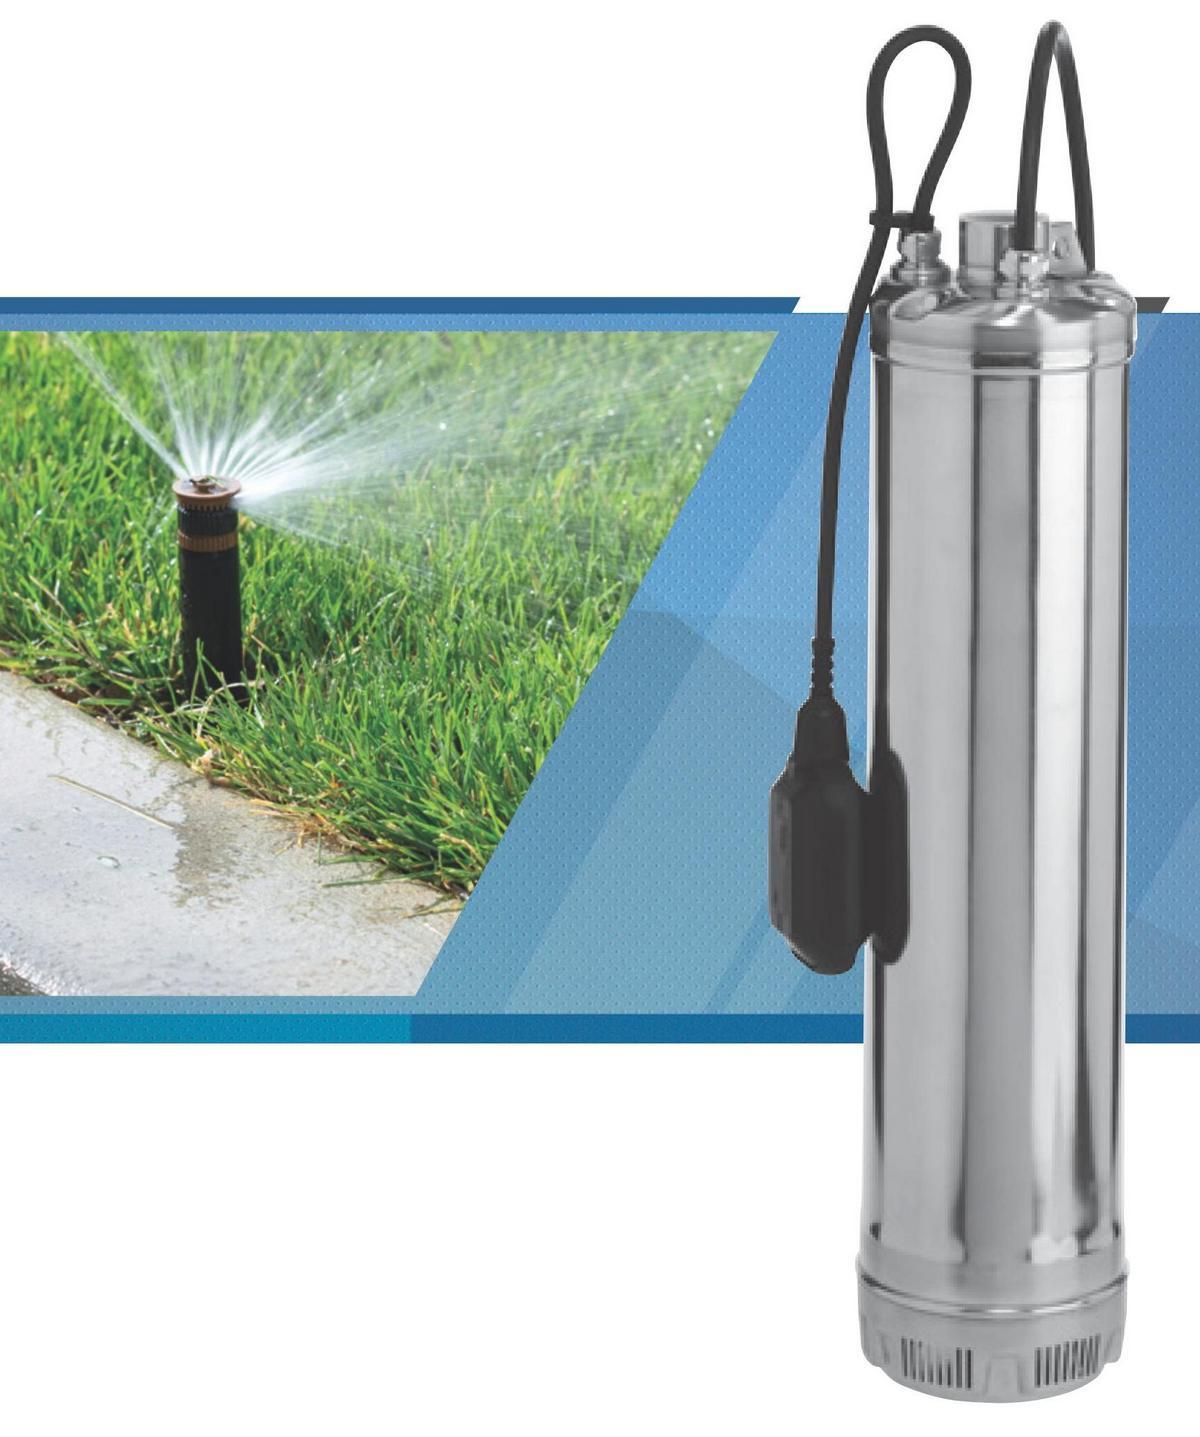 Schema Elettrico Per Pompa Ad Immersione : La pompa per l impianto di irrigazione informazioni tecniche